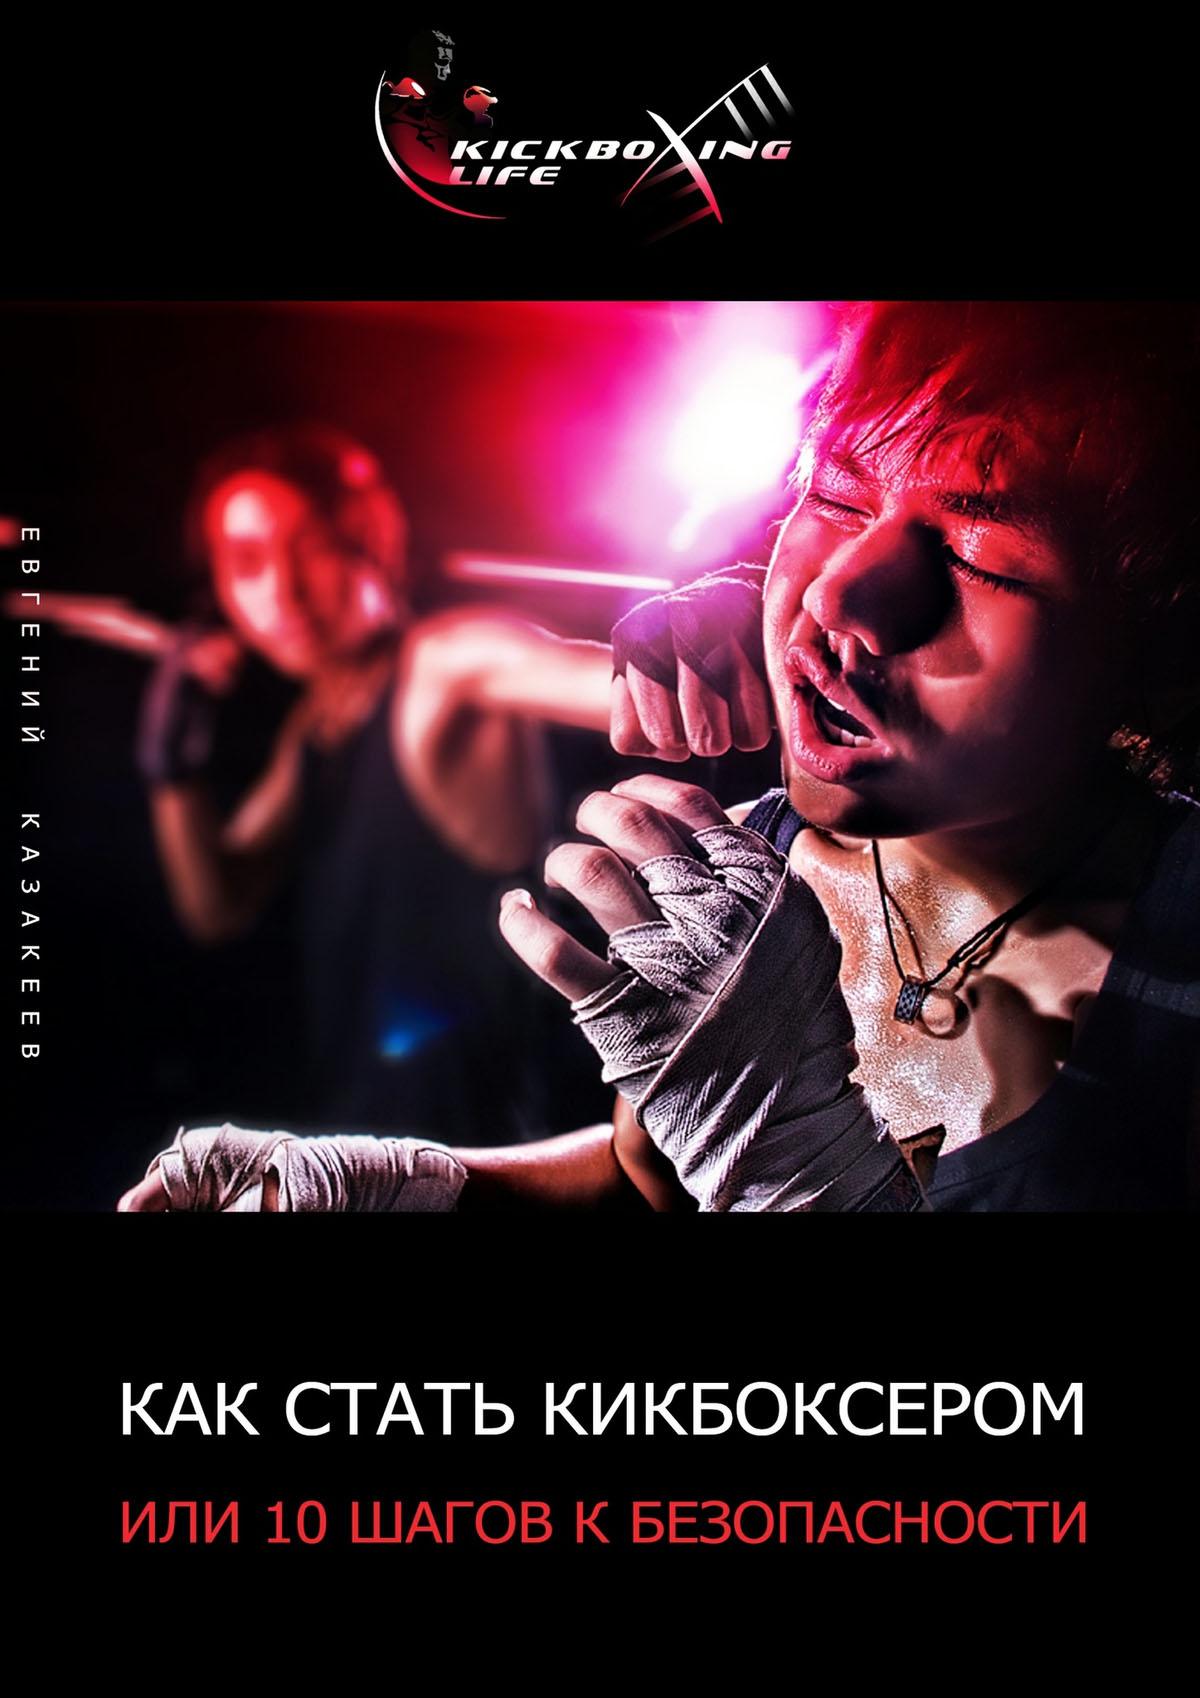 Евгений Казакеев Как стать кикбоксером, или 10шагов кбезопасности